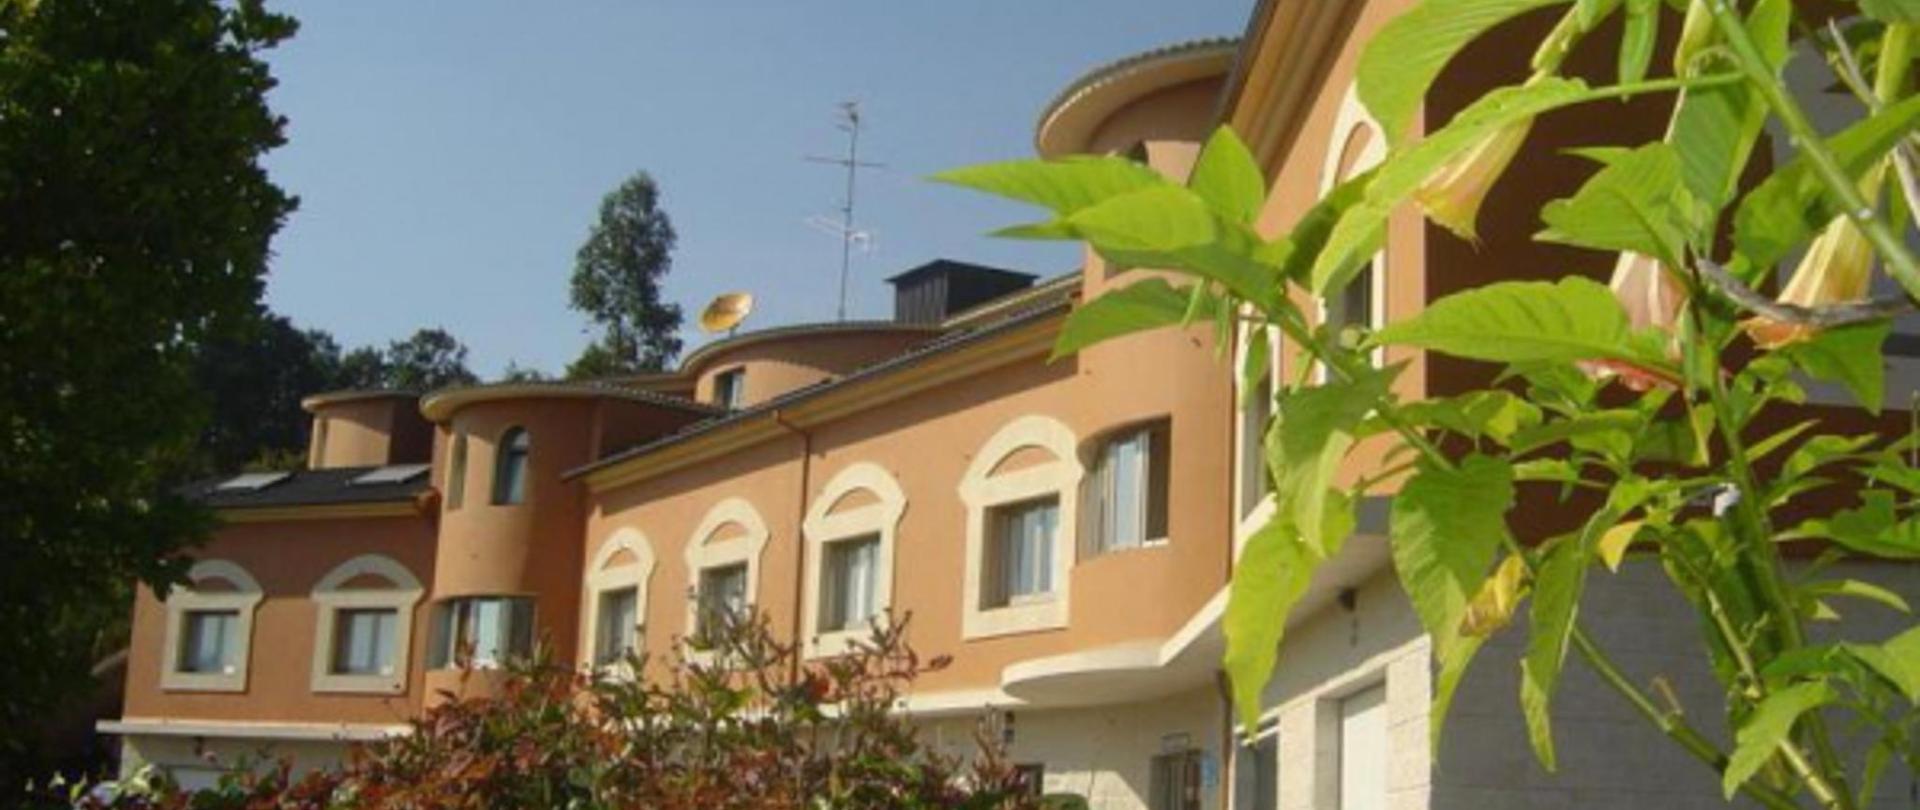 hotel-vialmar-meis-edificio-600x337.jpg